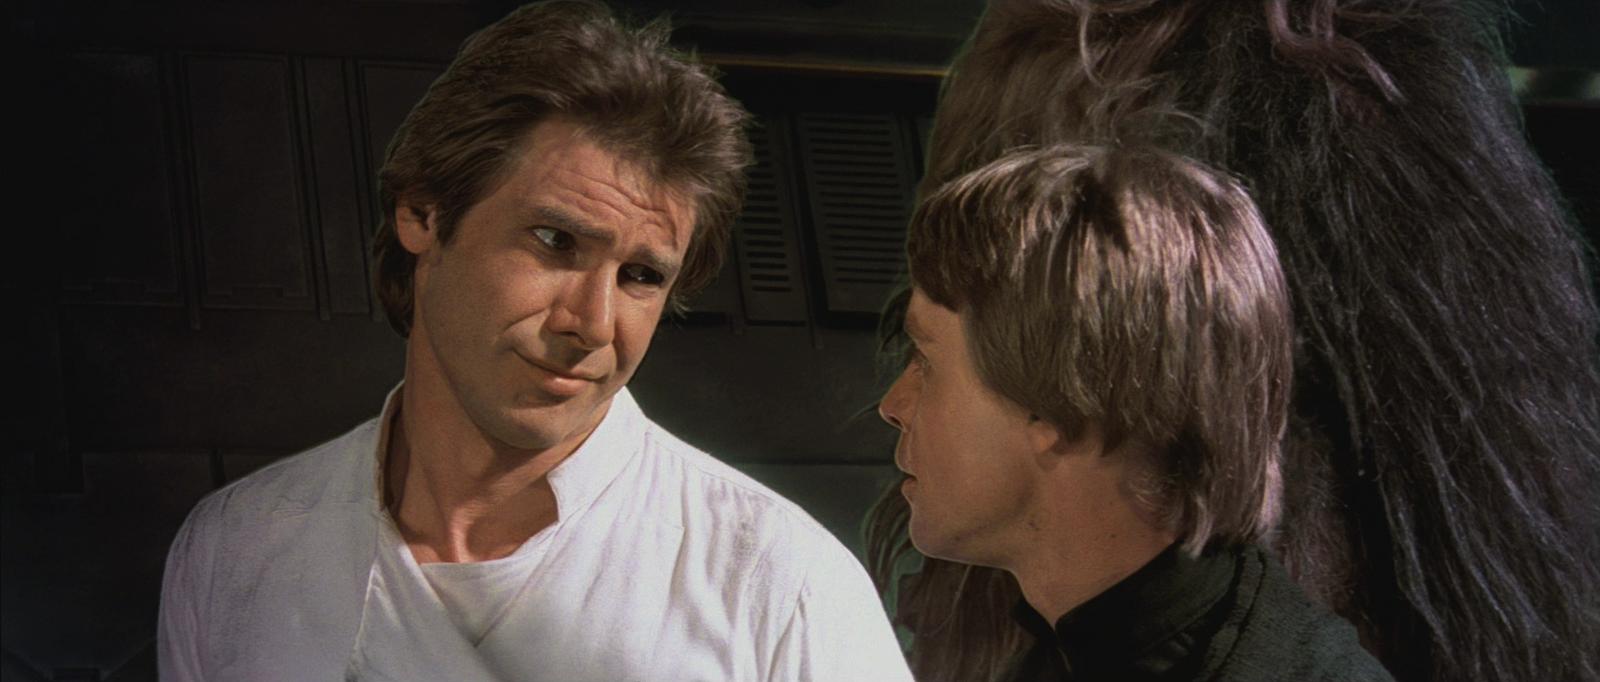 Star Wars Luke Skywalker Han Solo Harrison Ford Wallpaper 9to5